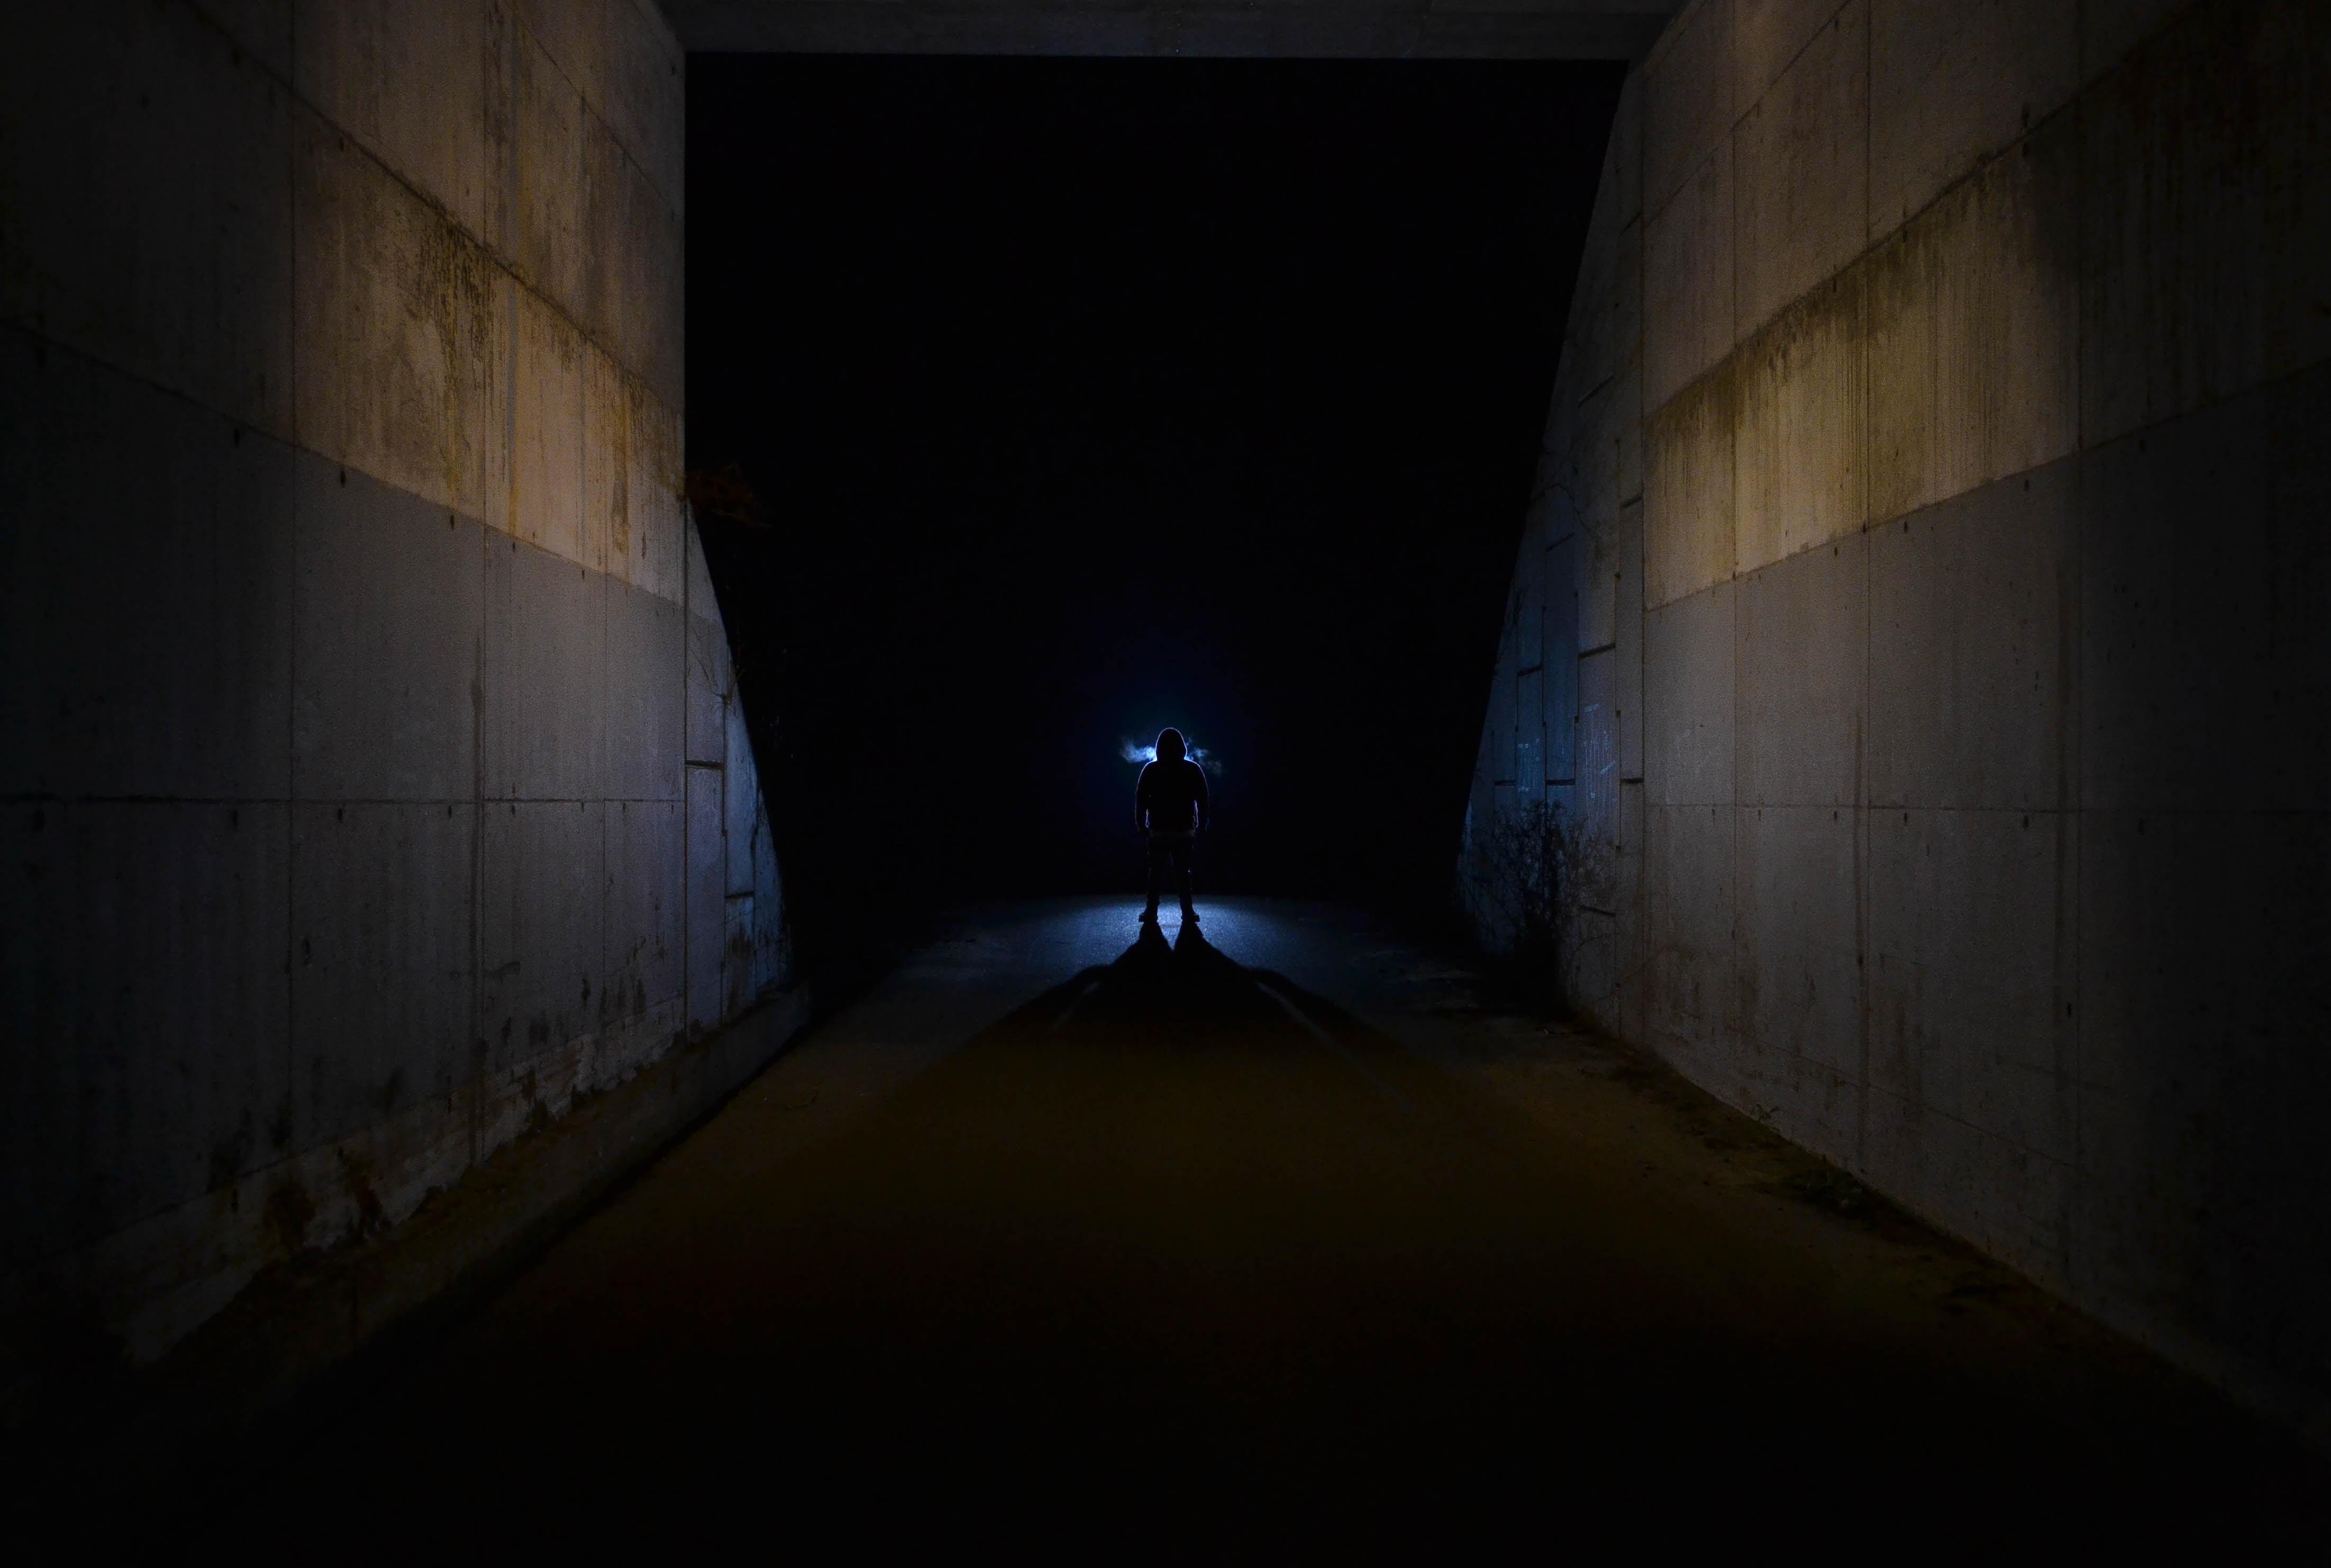 129892 скачать обои Темные, Силуэт, Свет, Темный, Ночь - заставки и картинки бесплатно